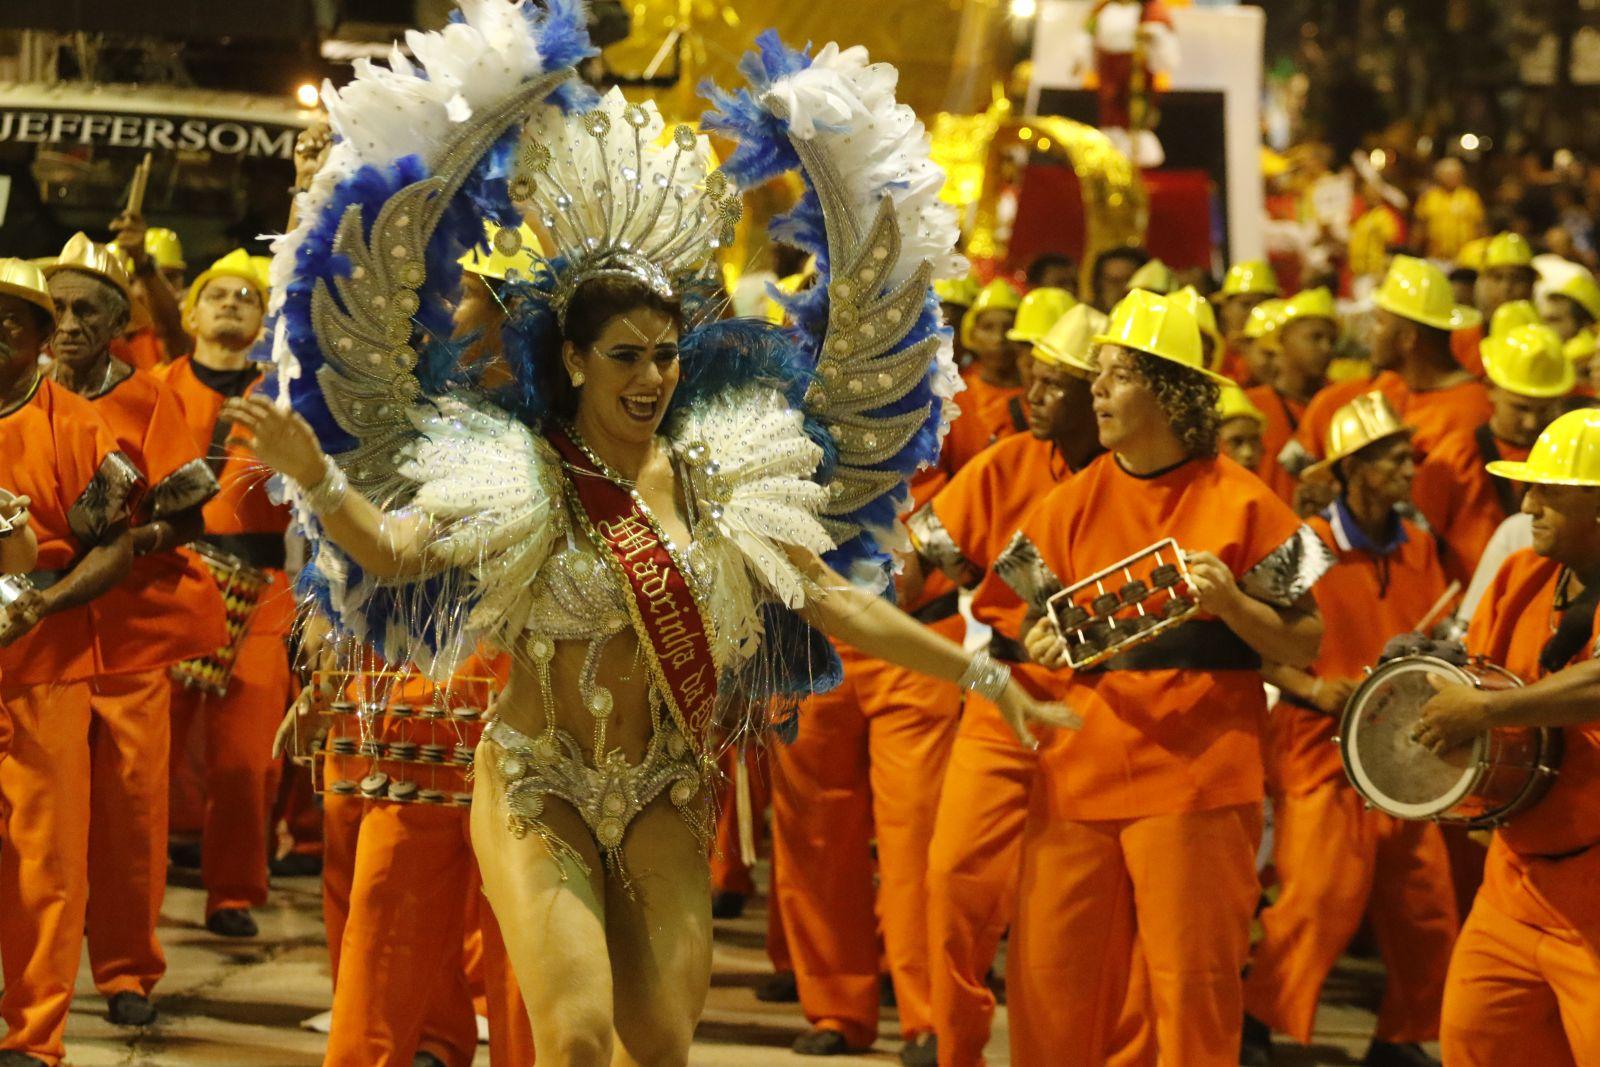 Os ensaios técnicos das agremiações carnavalescas já estão confirmados para os dias 11, 12 e 13 deste mês